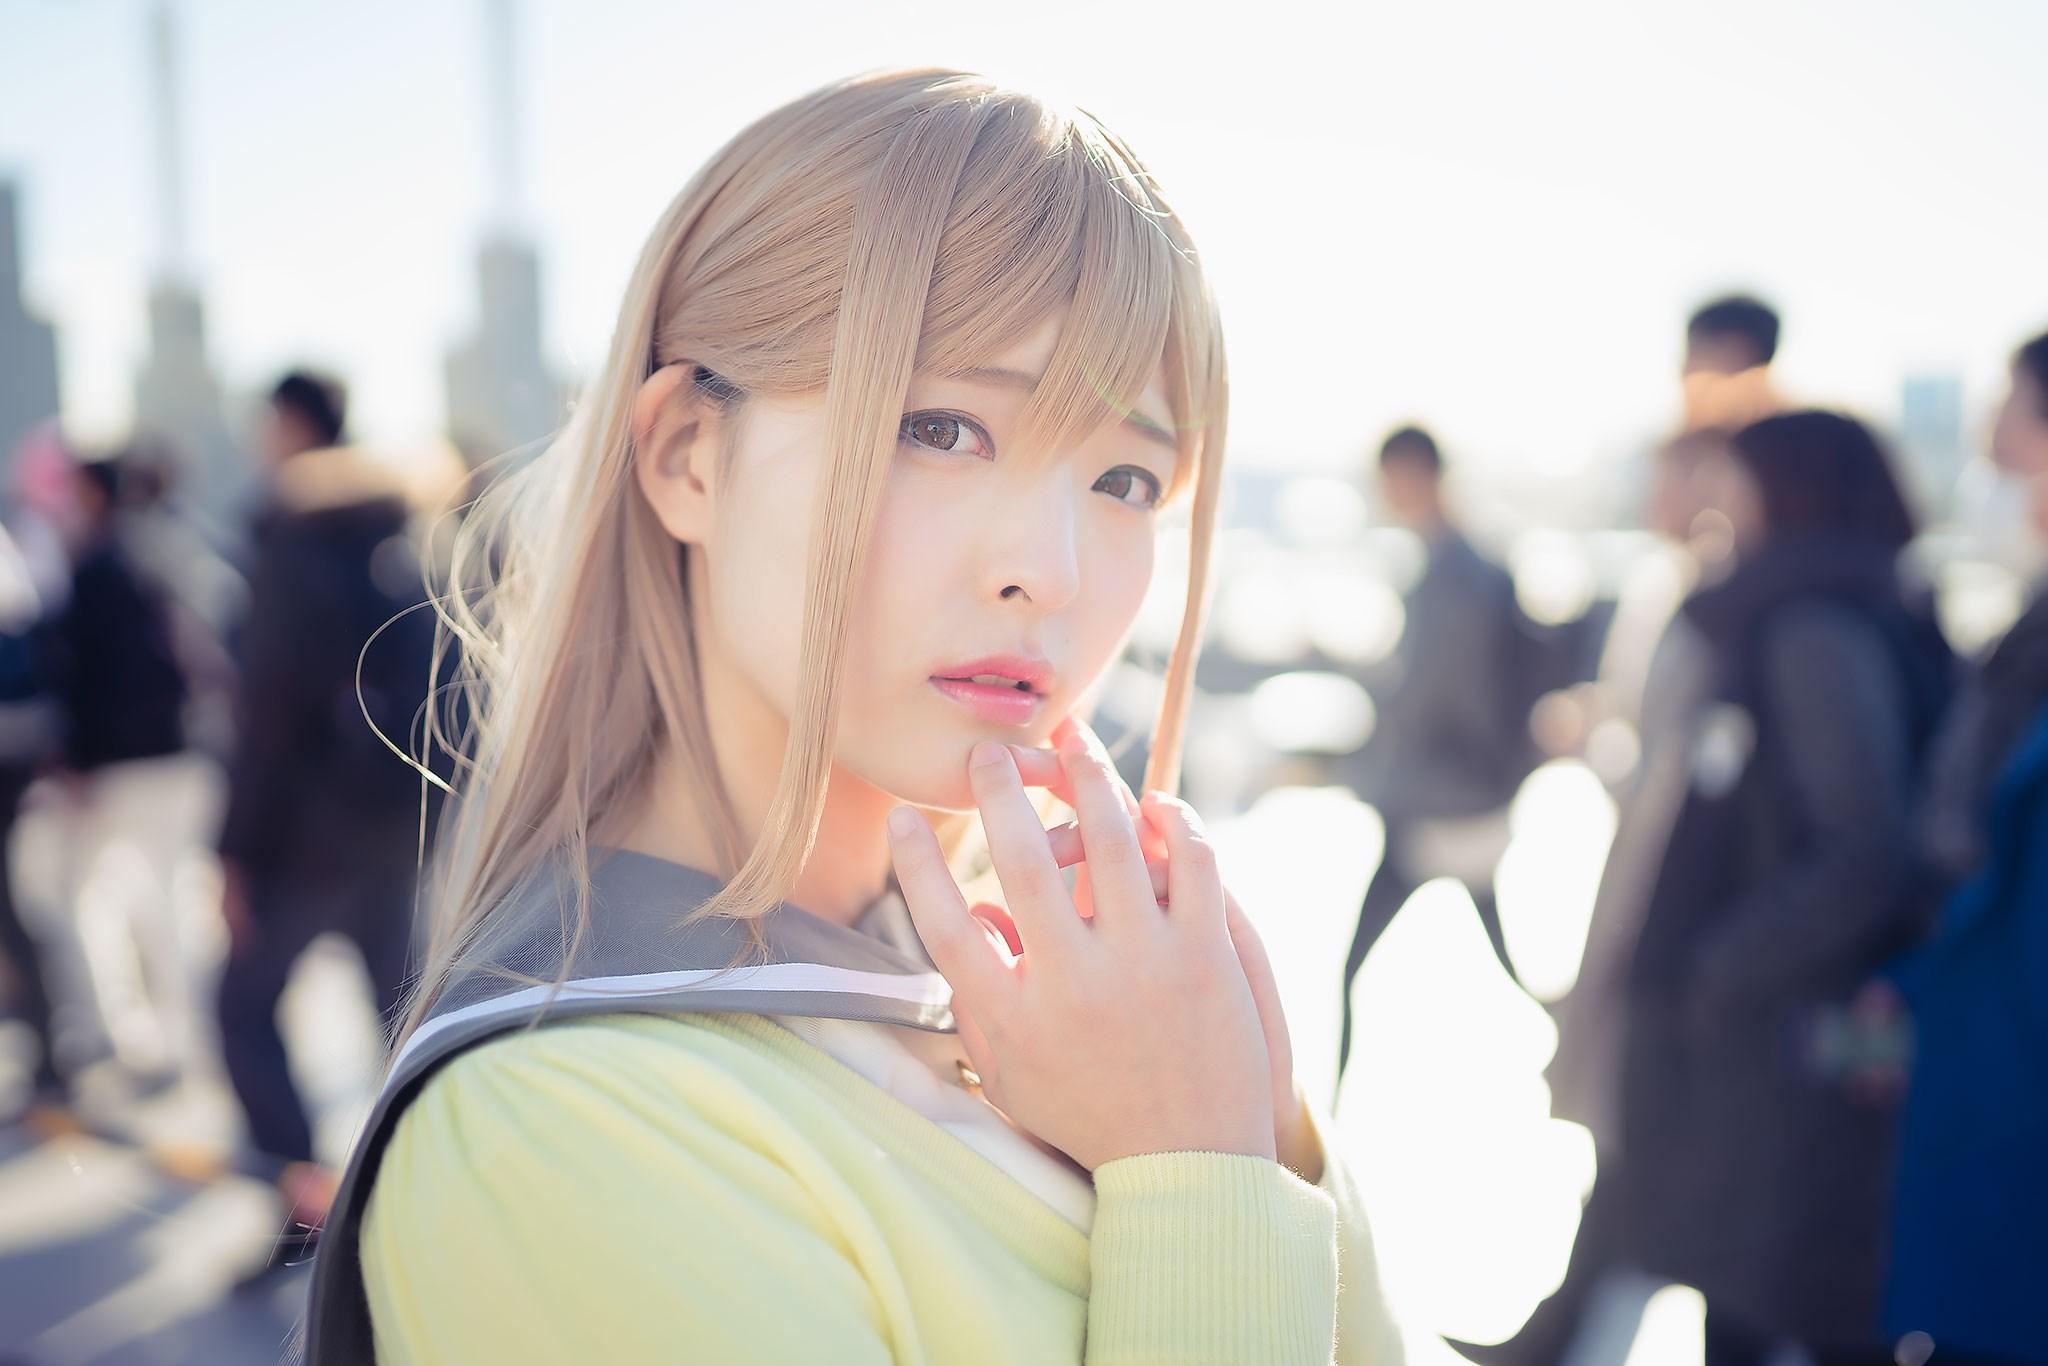 【兔玩映画】阳光与少女 兔玩映画 第8张